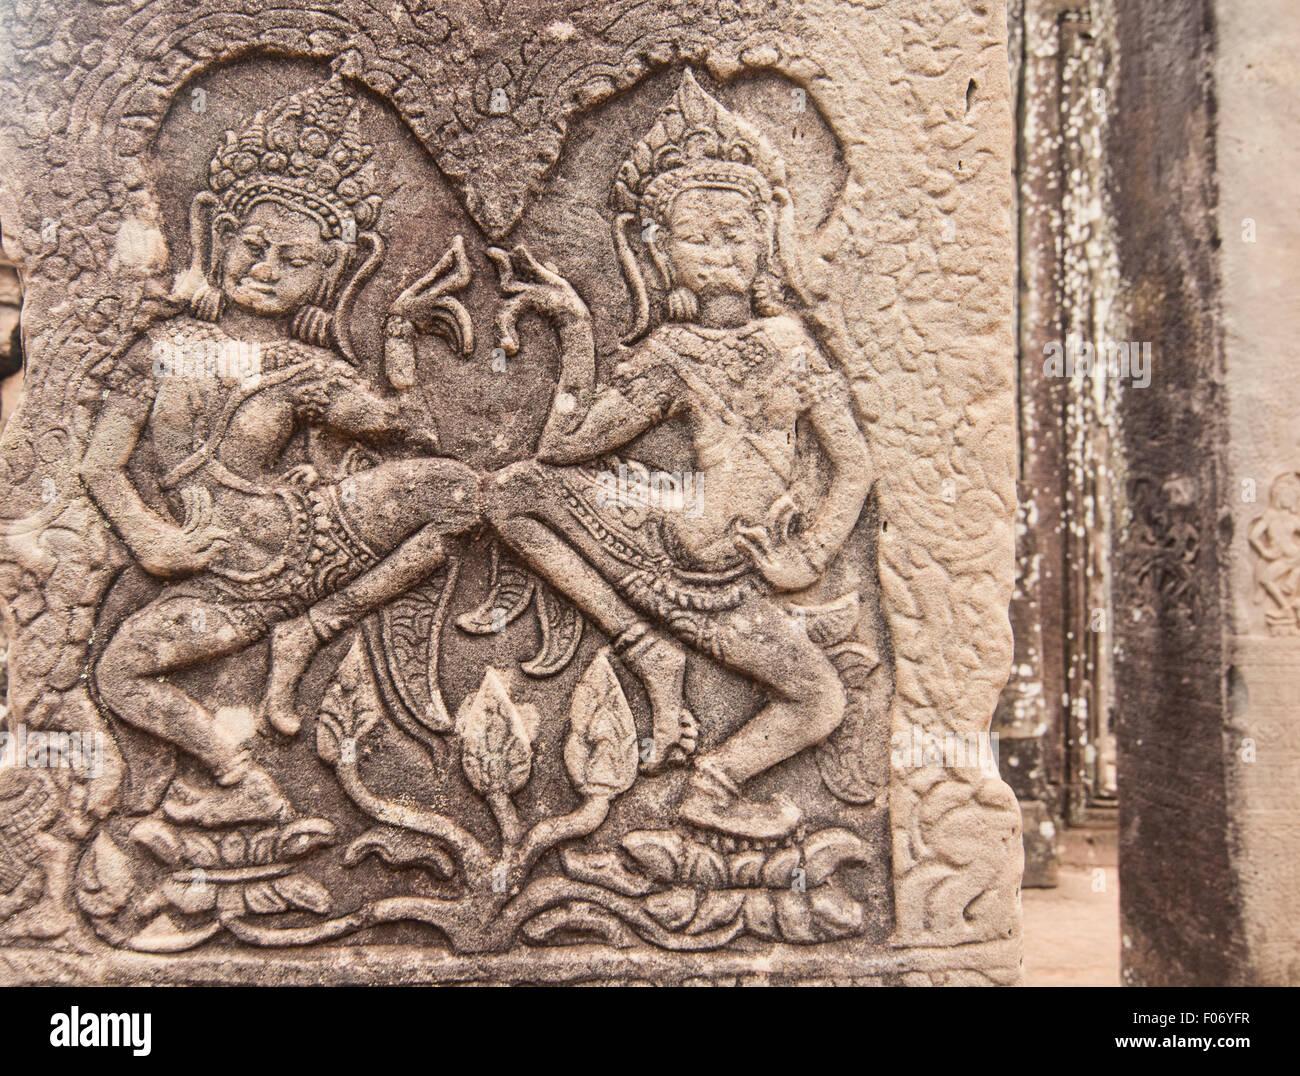 Khmer apsara stone carvings at angkor wat cambodia stock photo